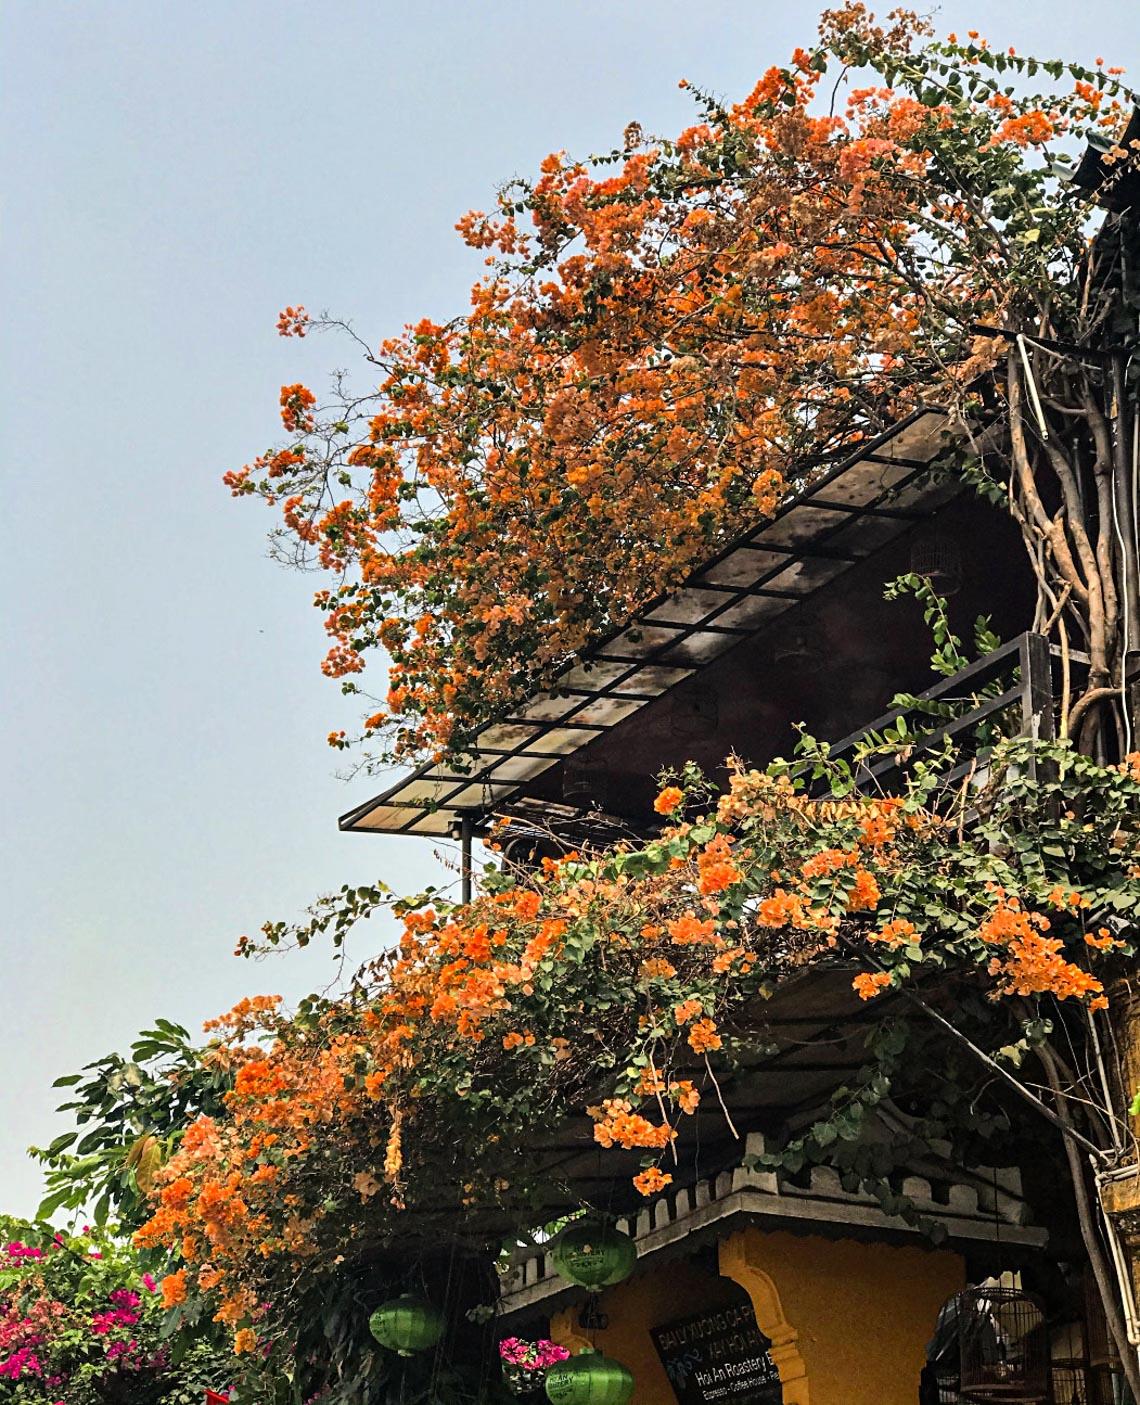 Hoa giấy nở rực rỡ Hội An trong 'những ngày corona' -10